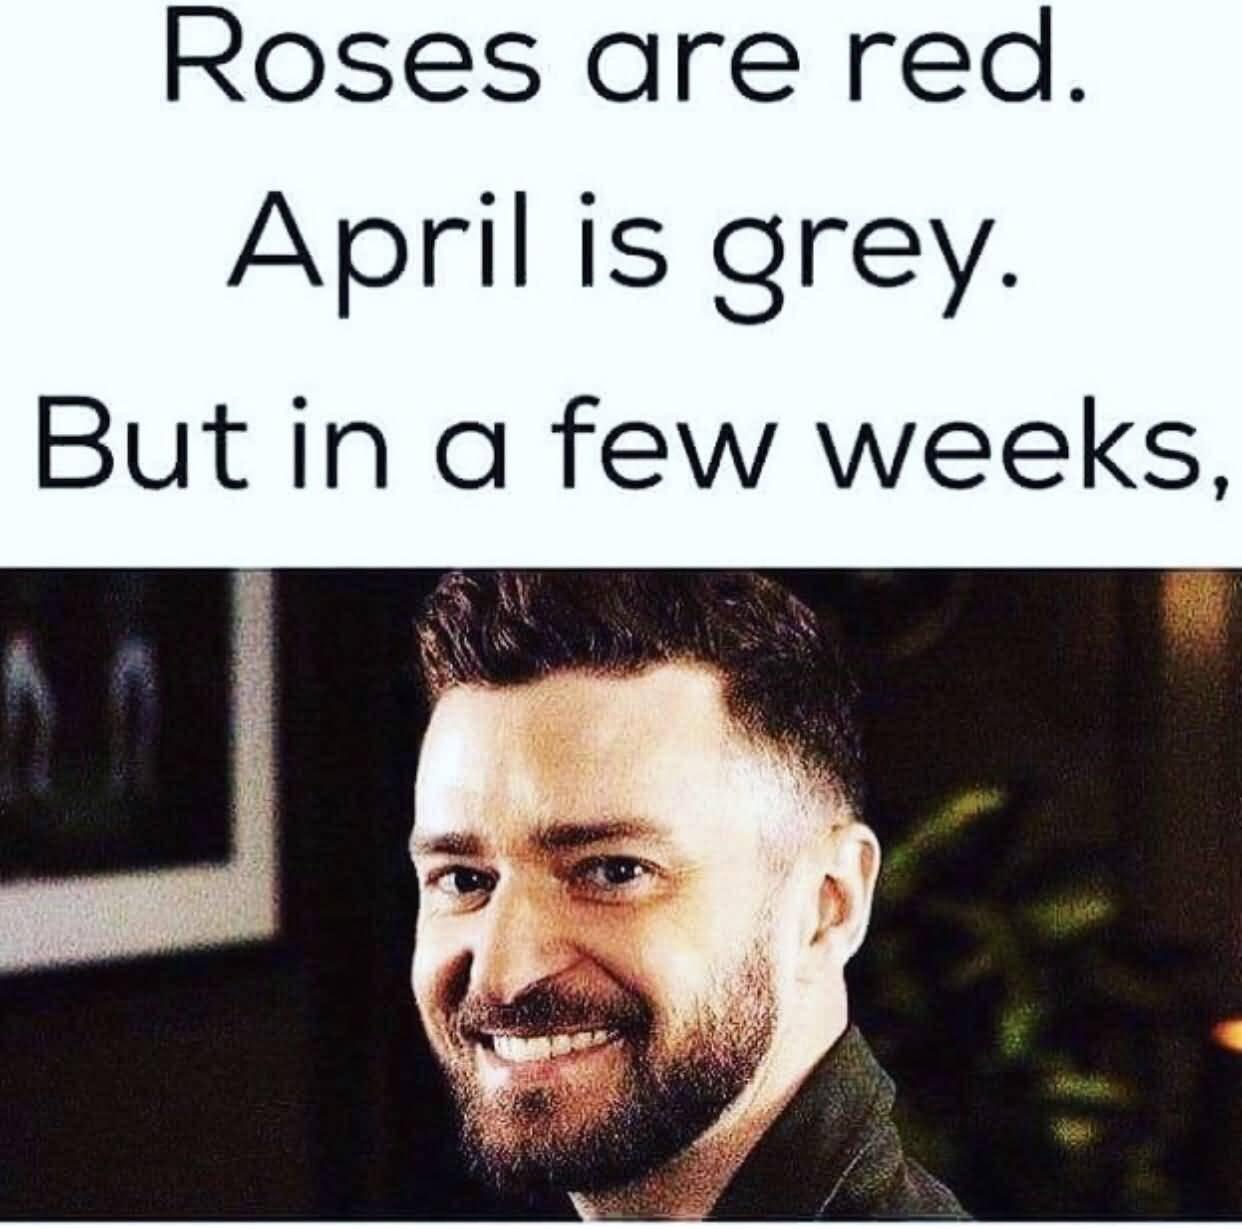 Justin Timberlake Meme Roses Are Red April